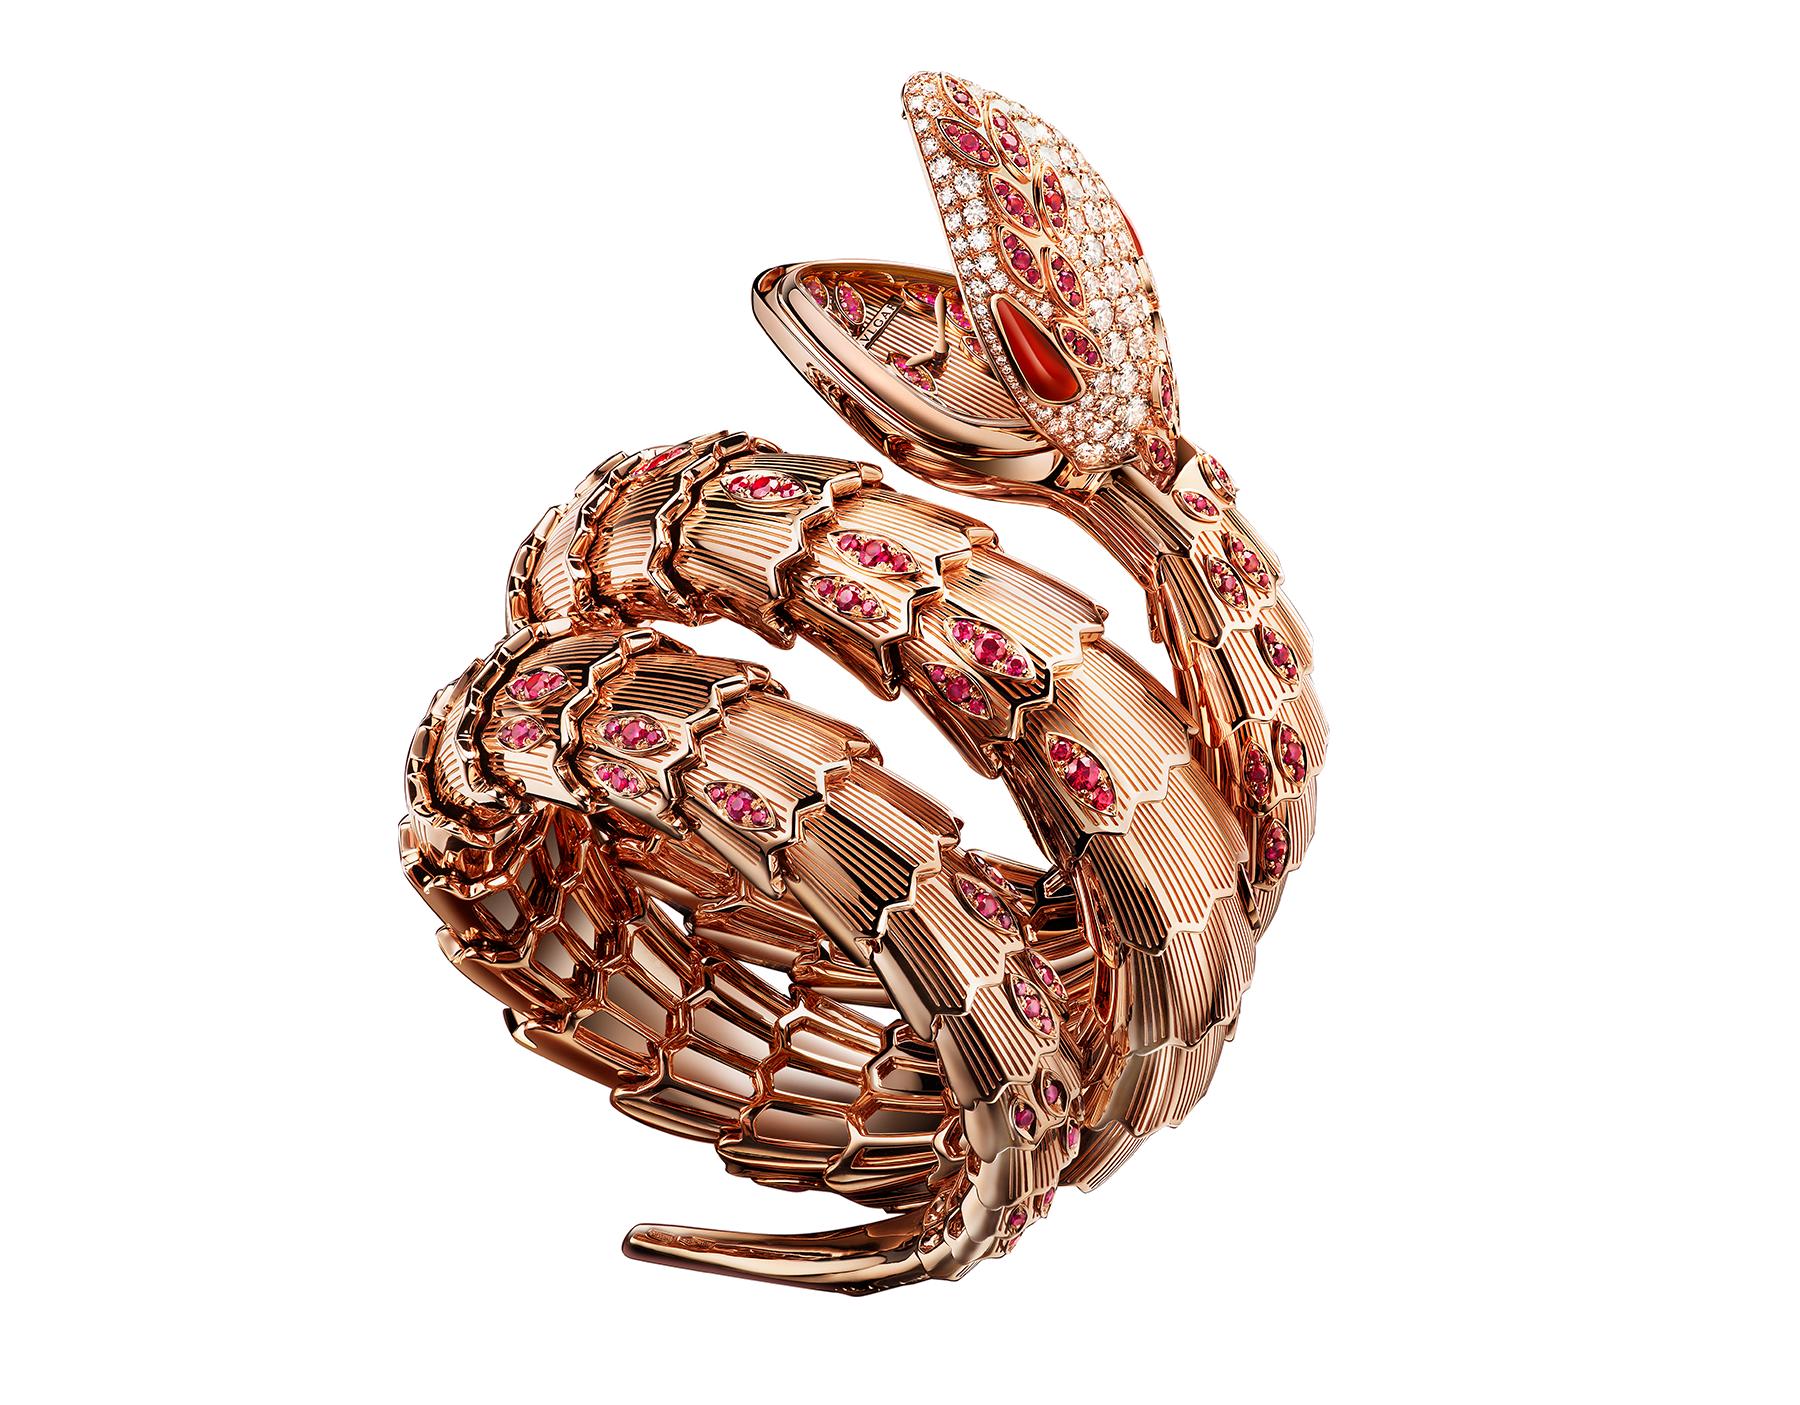 Montre secrète Serpenti avec tête en or rose 18K sertie de diamants taille brillant, rubis taille brillant et yeux en cornaline, boîtier en or rose 18K, cadran et bracelet double spirale en or rose 18K sertis de rubis taille brillant. 102014 image 1